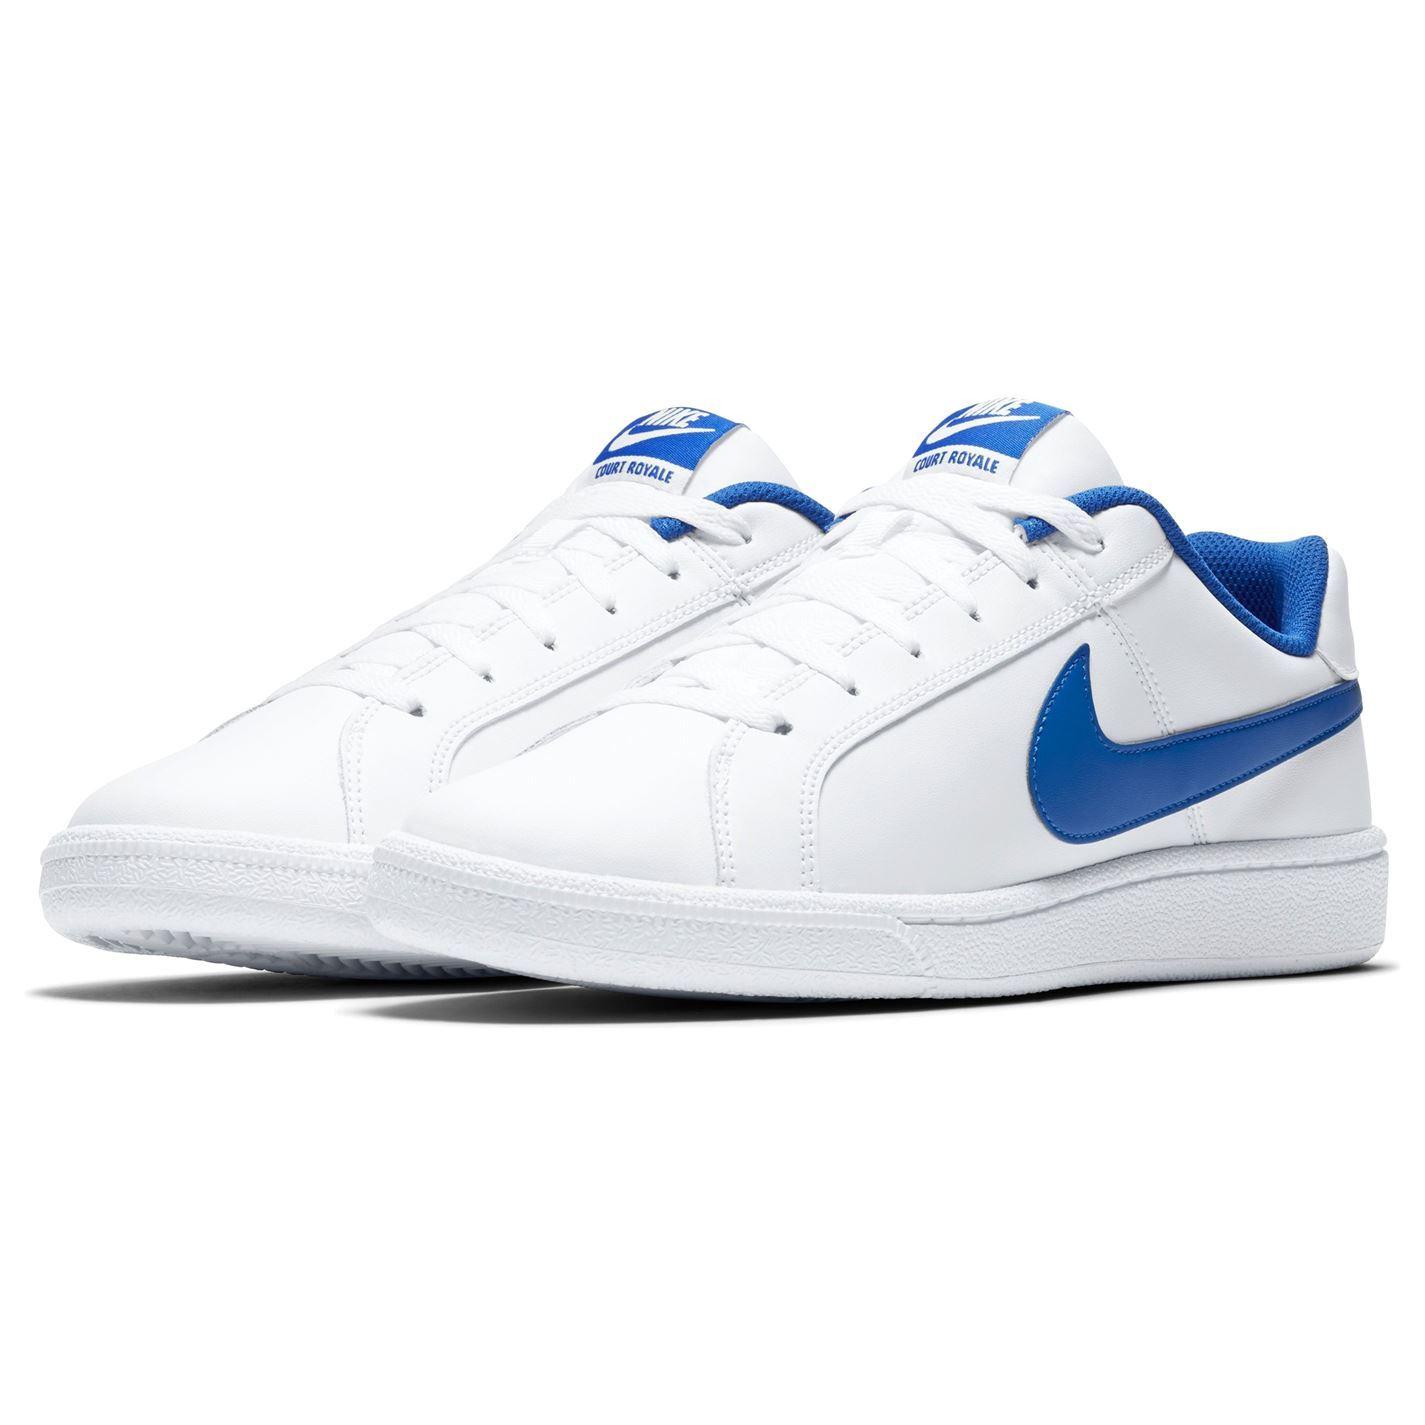 Detalles de Nike Tribunal Royal Zapatillas de Hombre BlancoAzul Informal Calzado Zapatillas